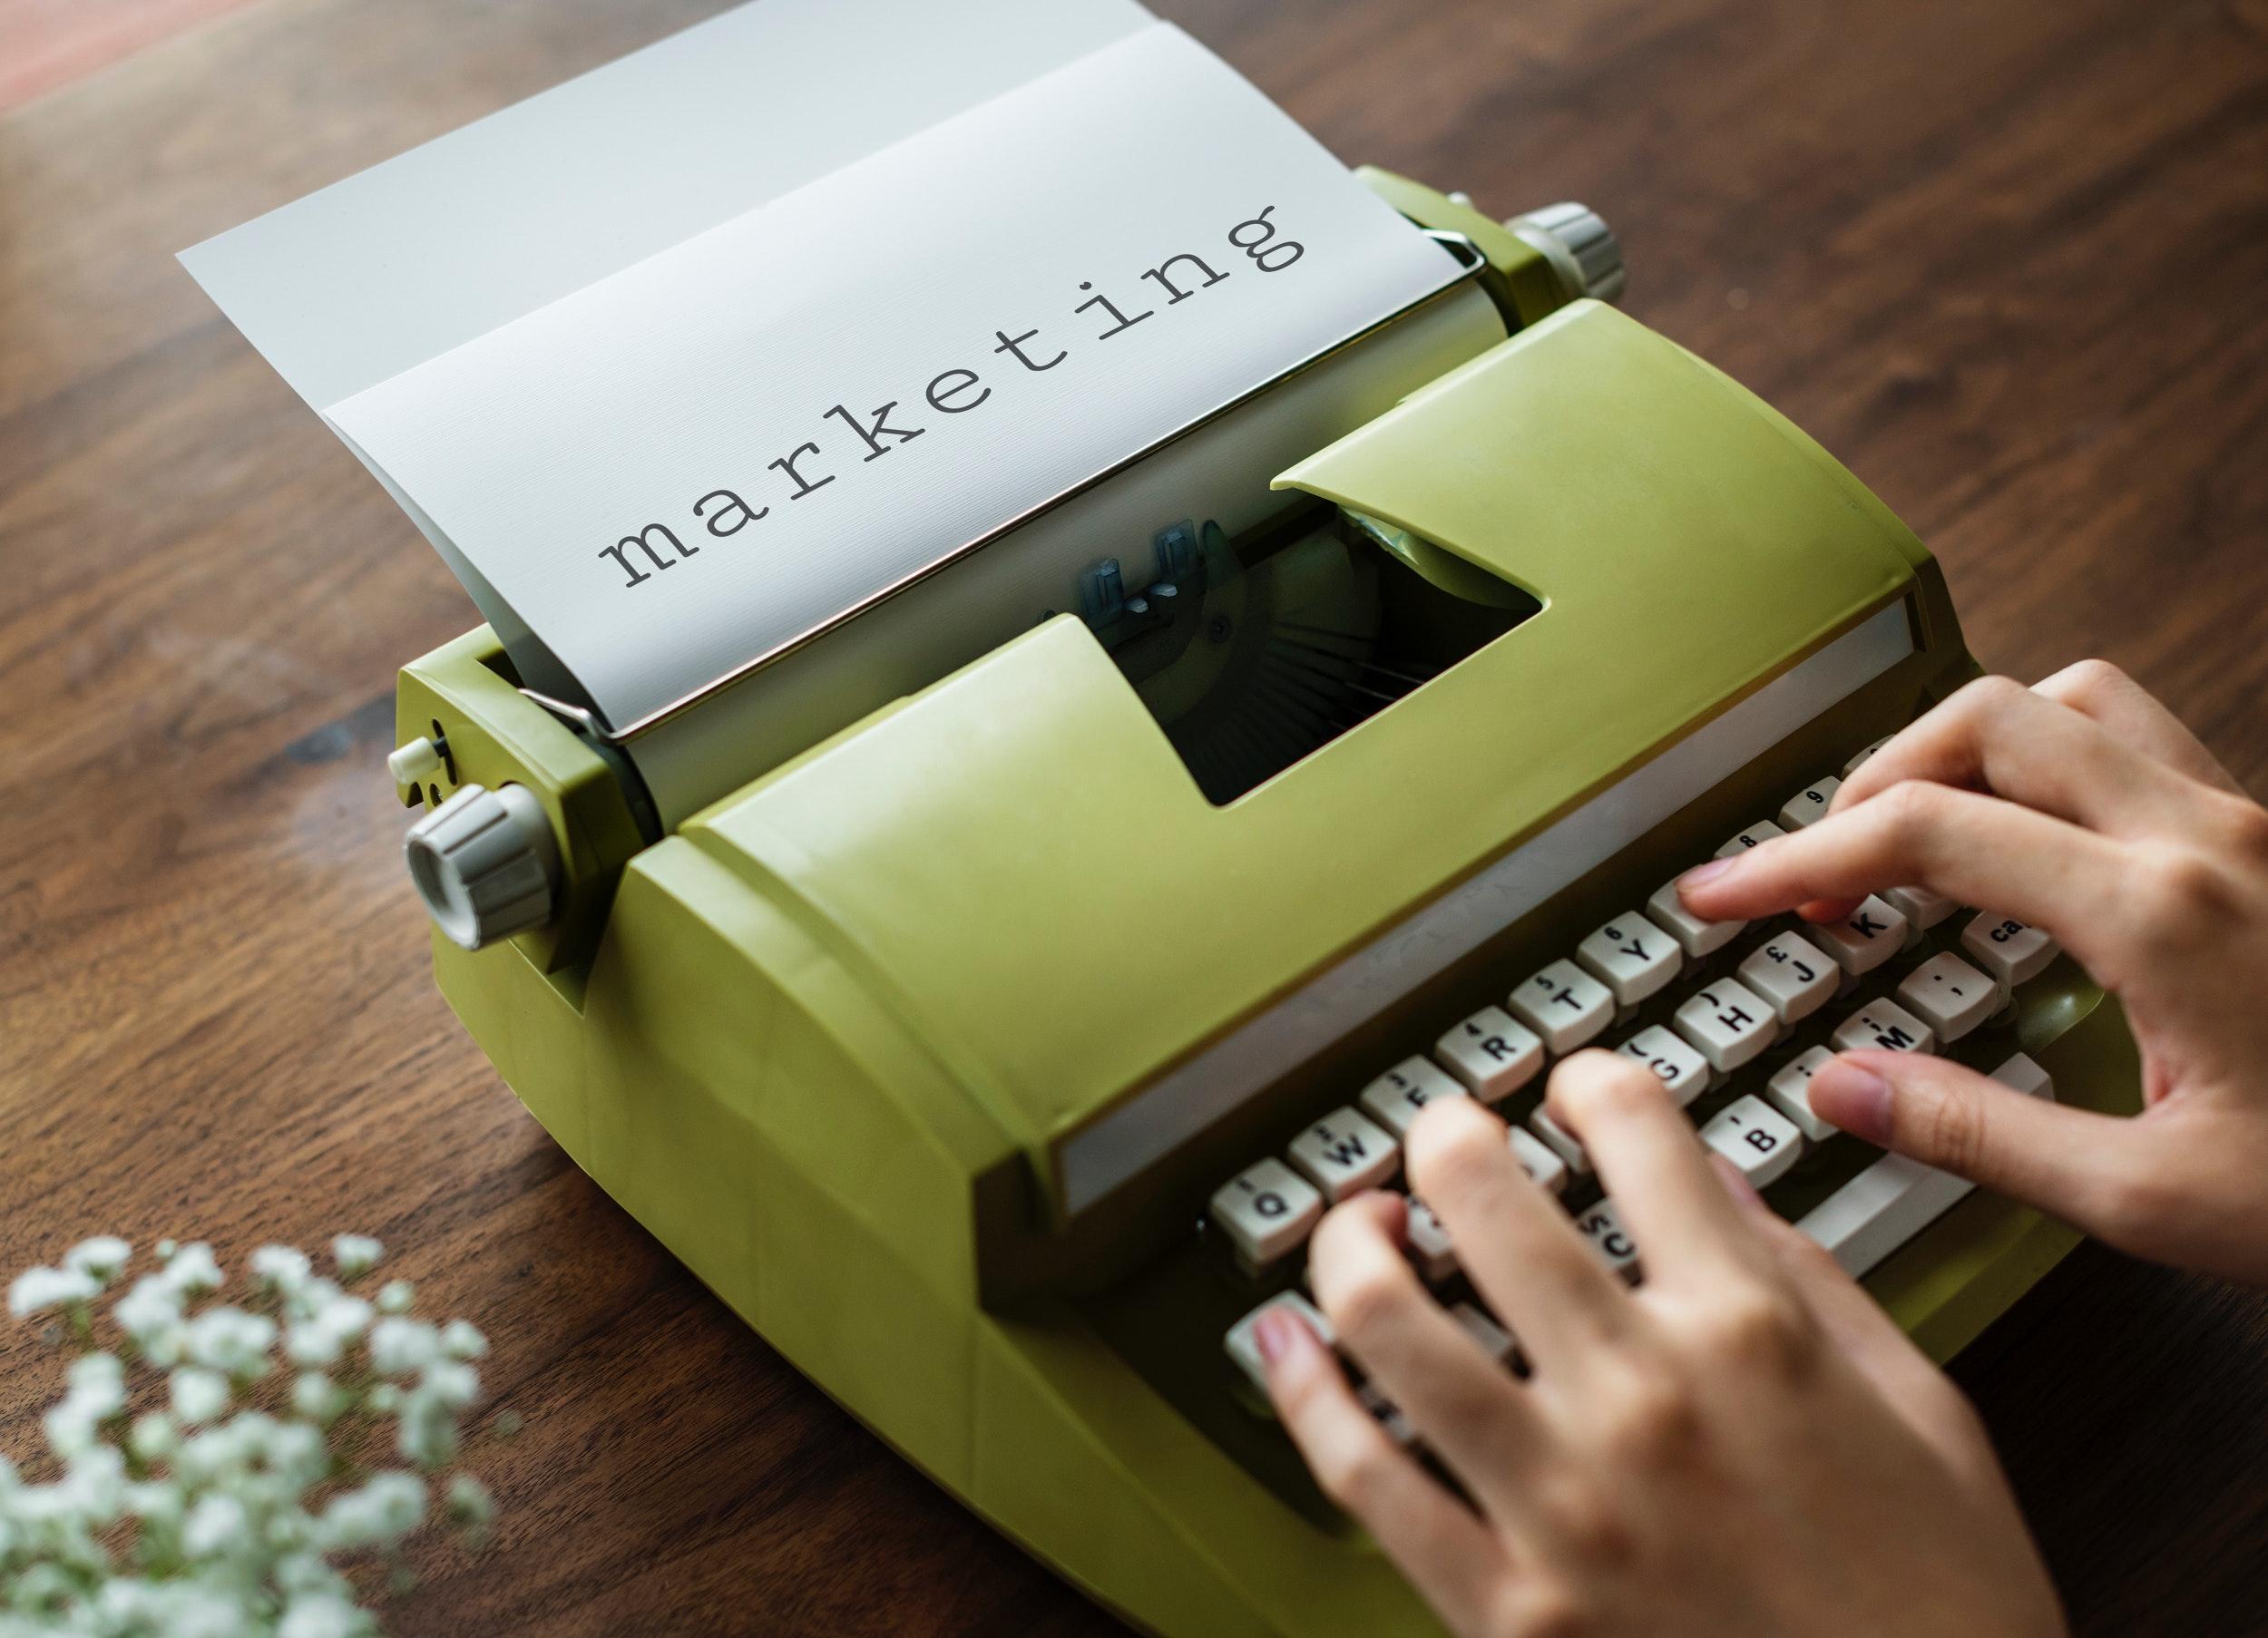 The Durango Wordsmith Writes Marketing Emails